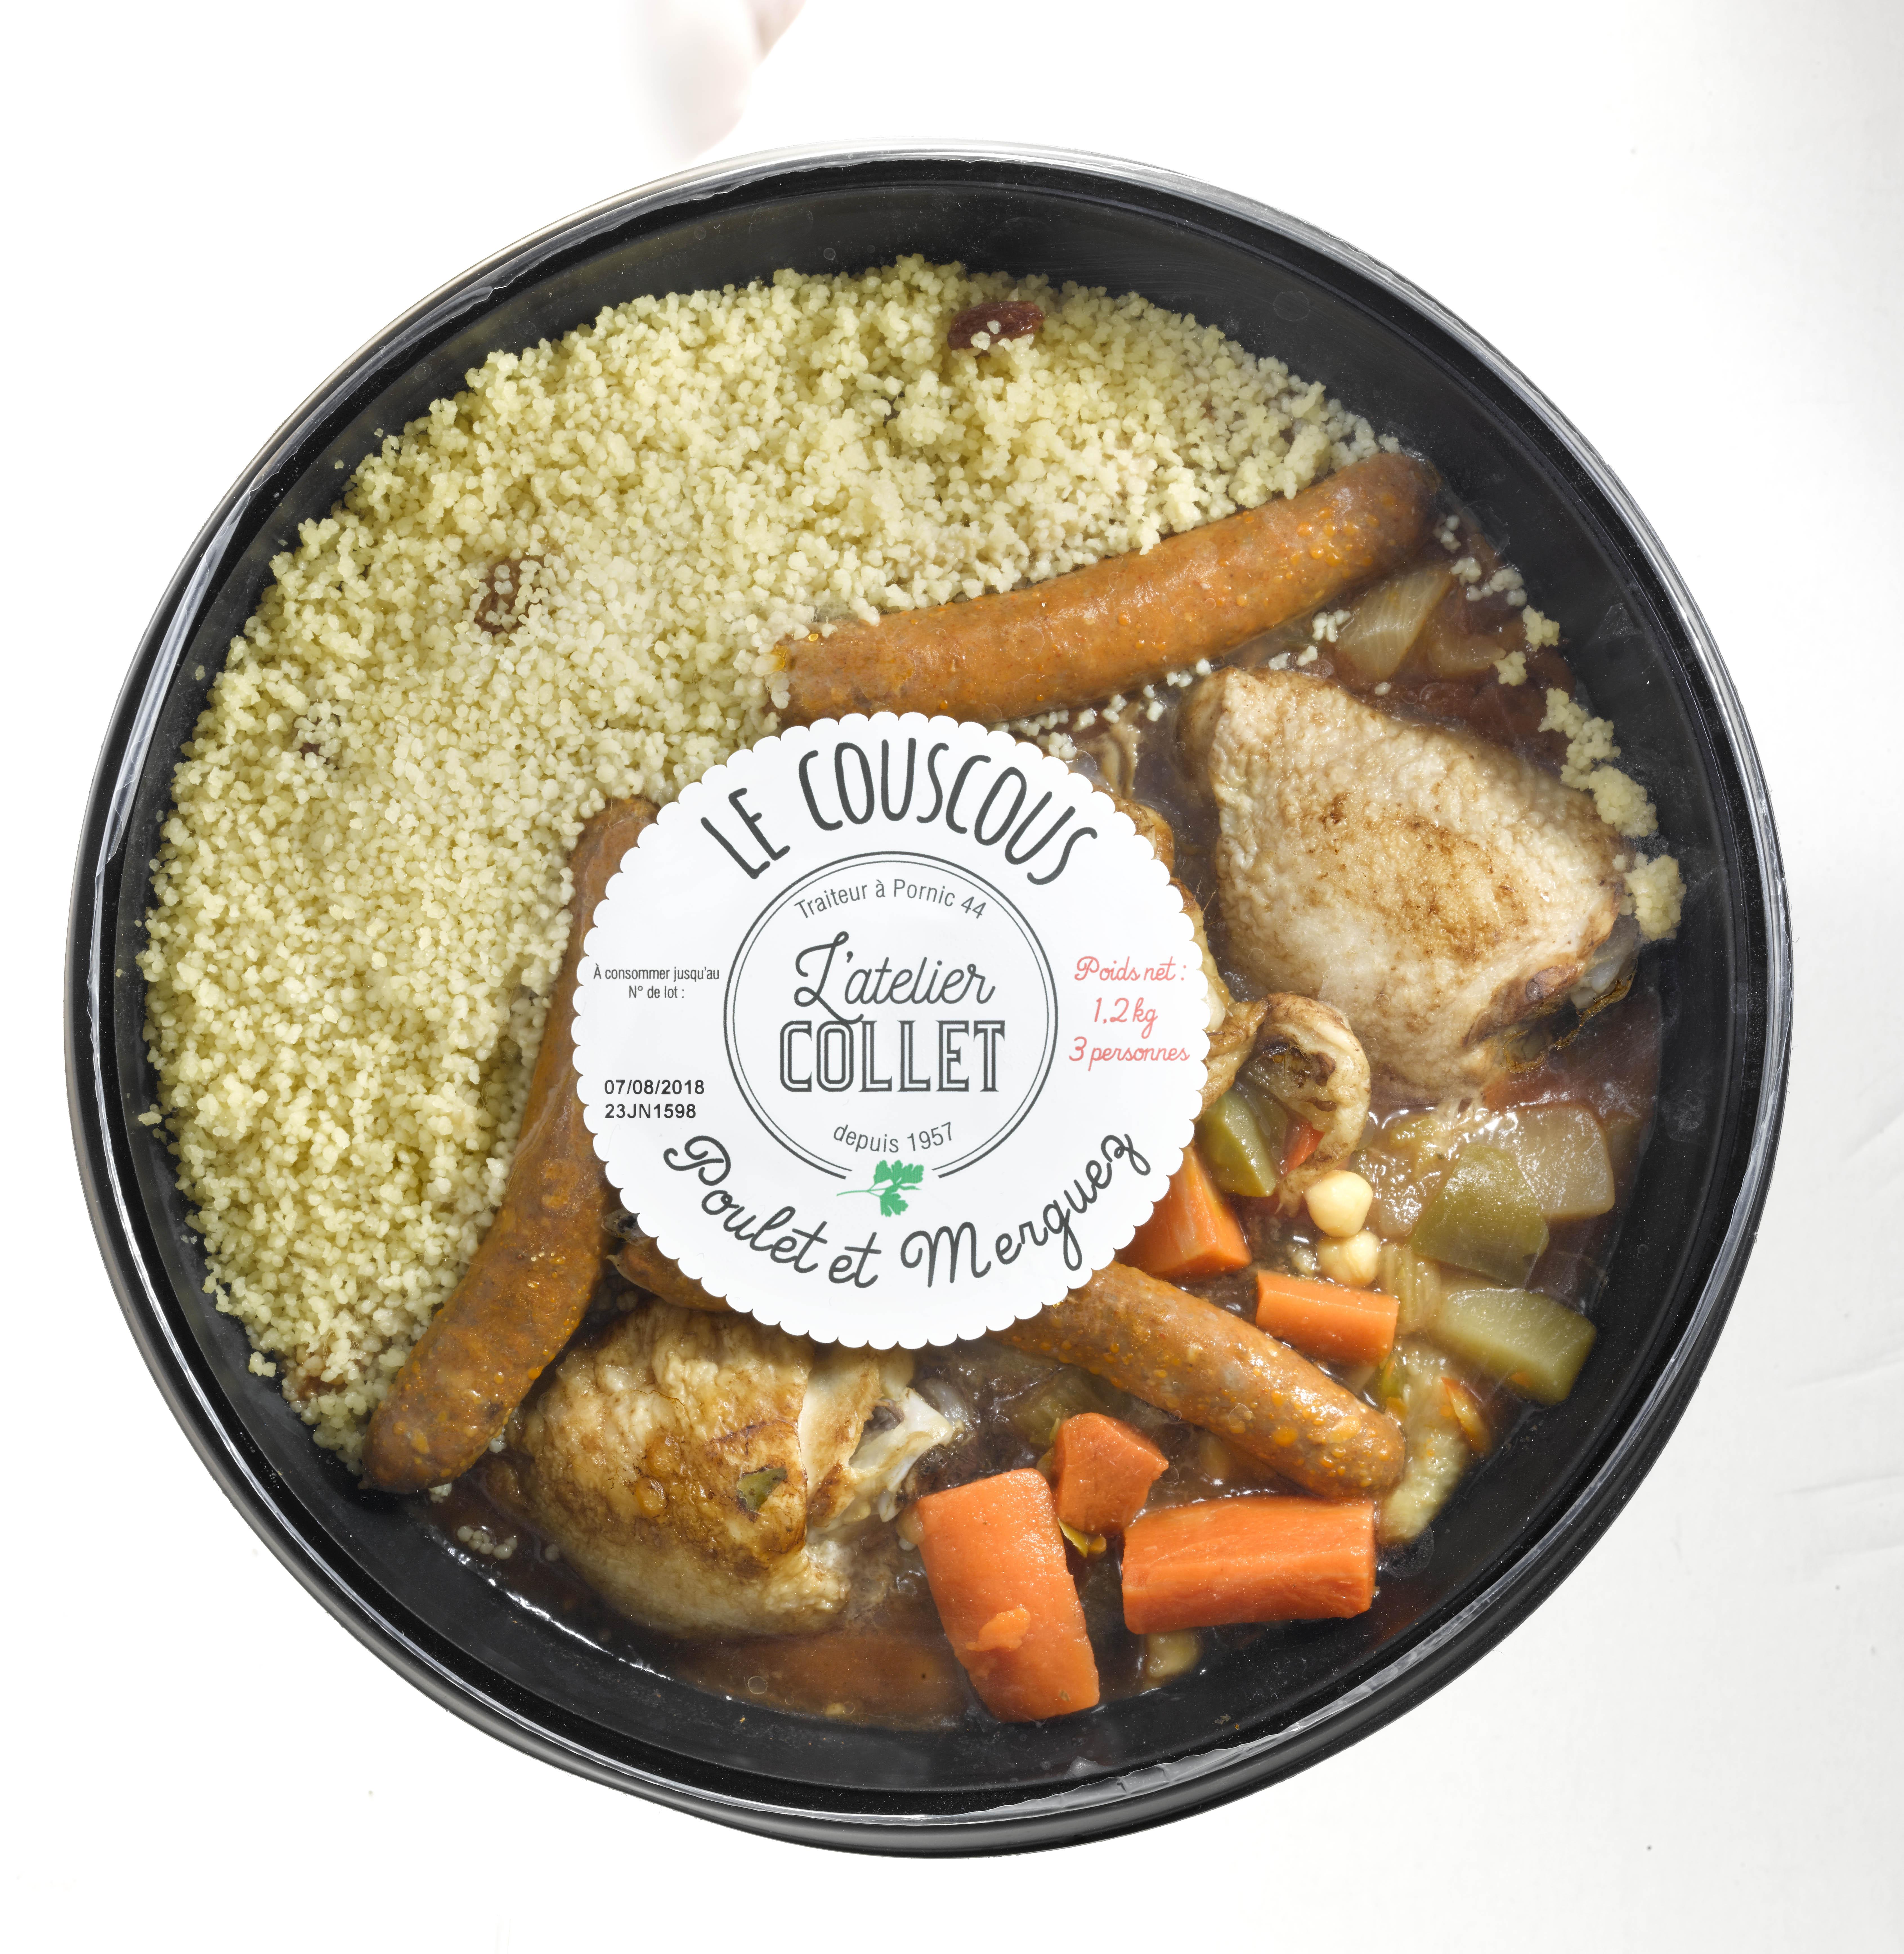 Couscous Viande et Semoule, L'atelier Collet (1,2 kg)